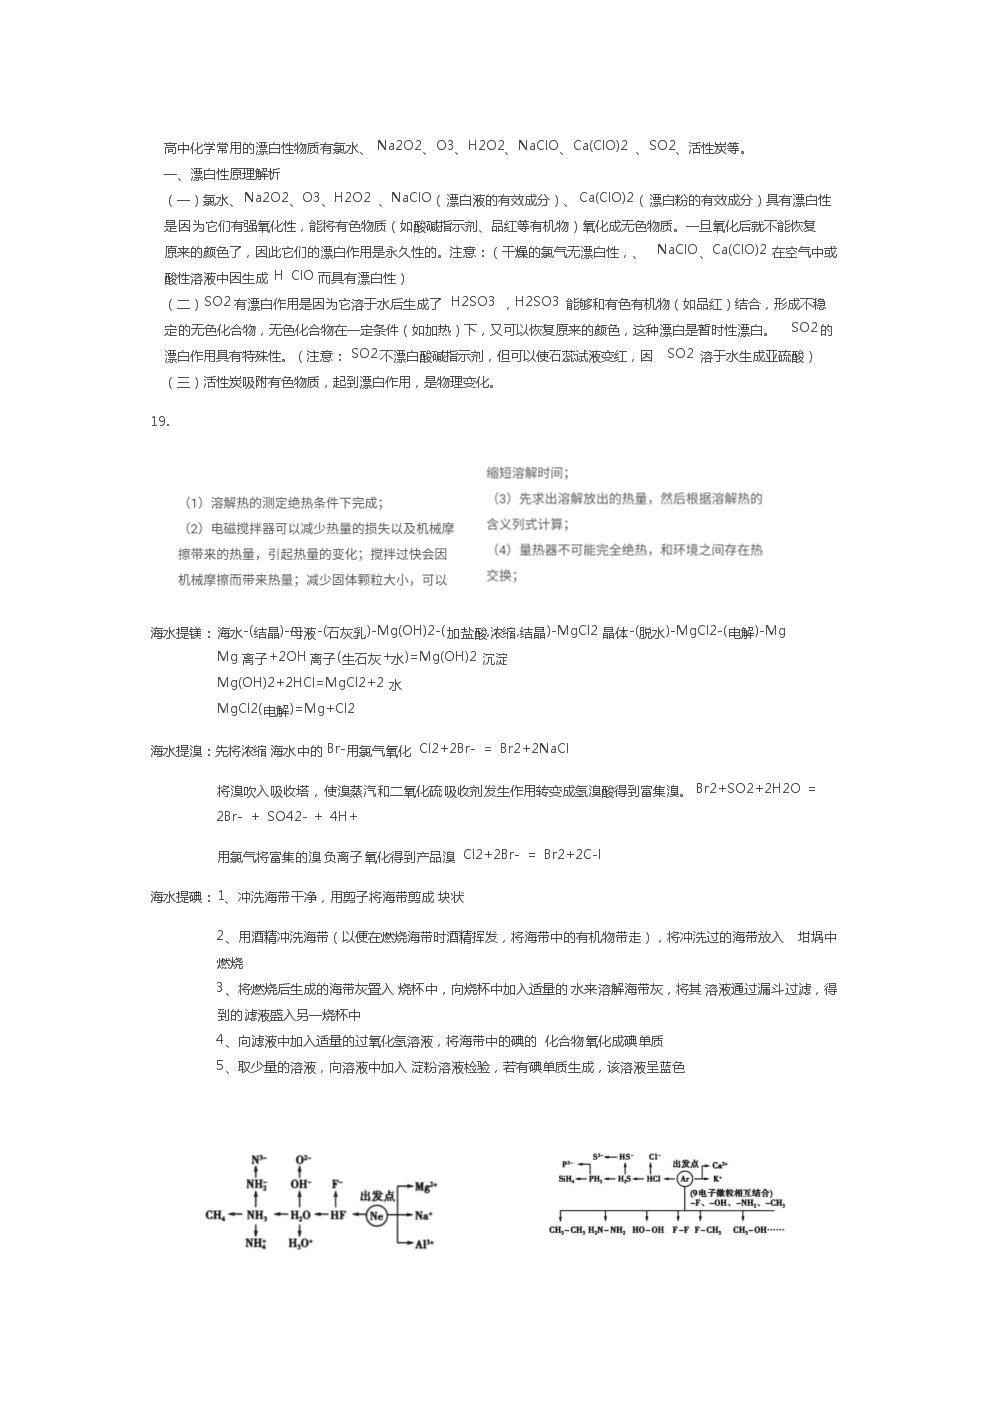 期末考卷笔记.docx